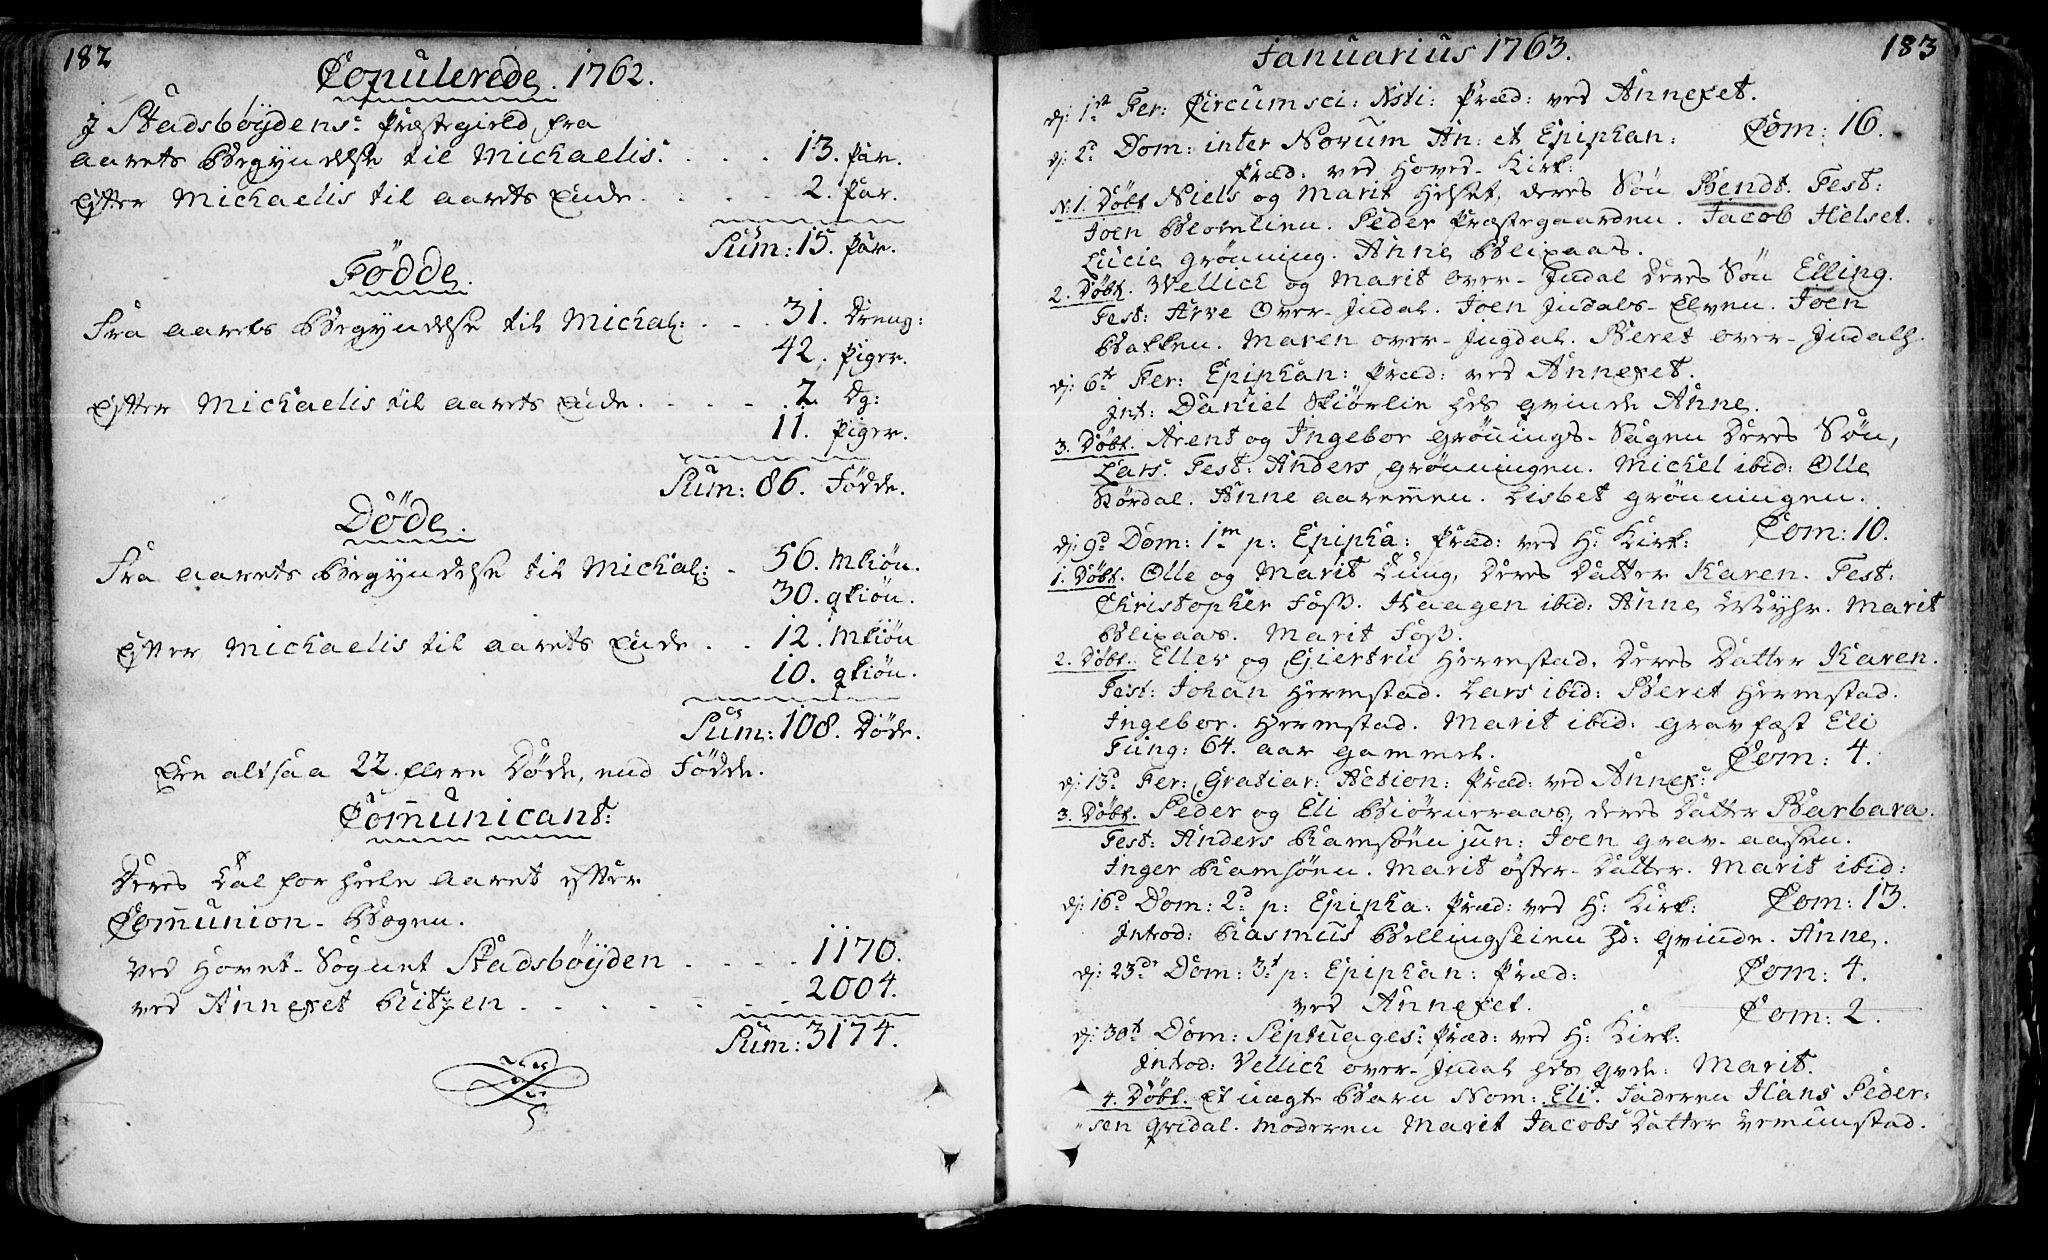 SAT, Ministerialprotokoller, klokkerbøker og fødselsregistre - Sør-Trøndelag, 646/L0605: Ministerialbok nr. 646A03, 1751-1790, s. 182-183